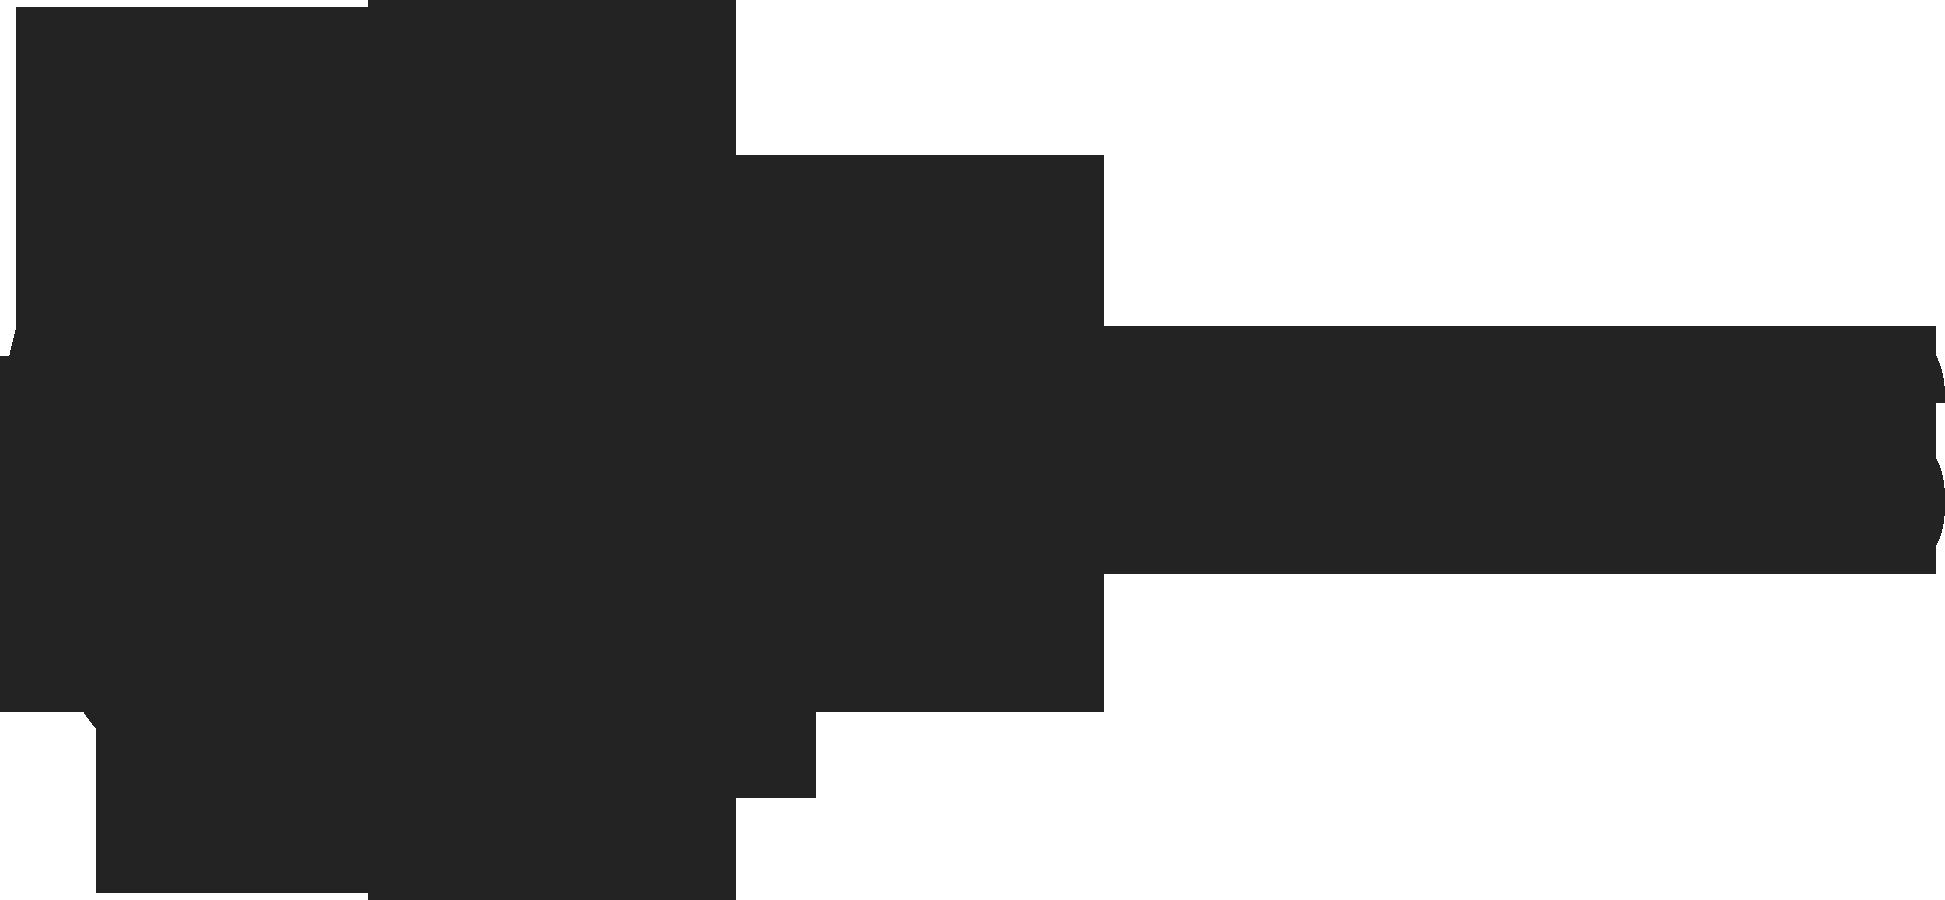 POR logo.png